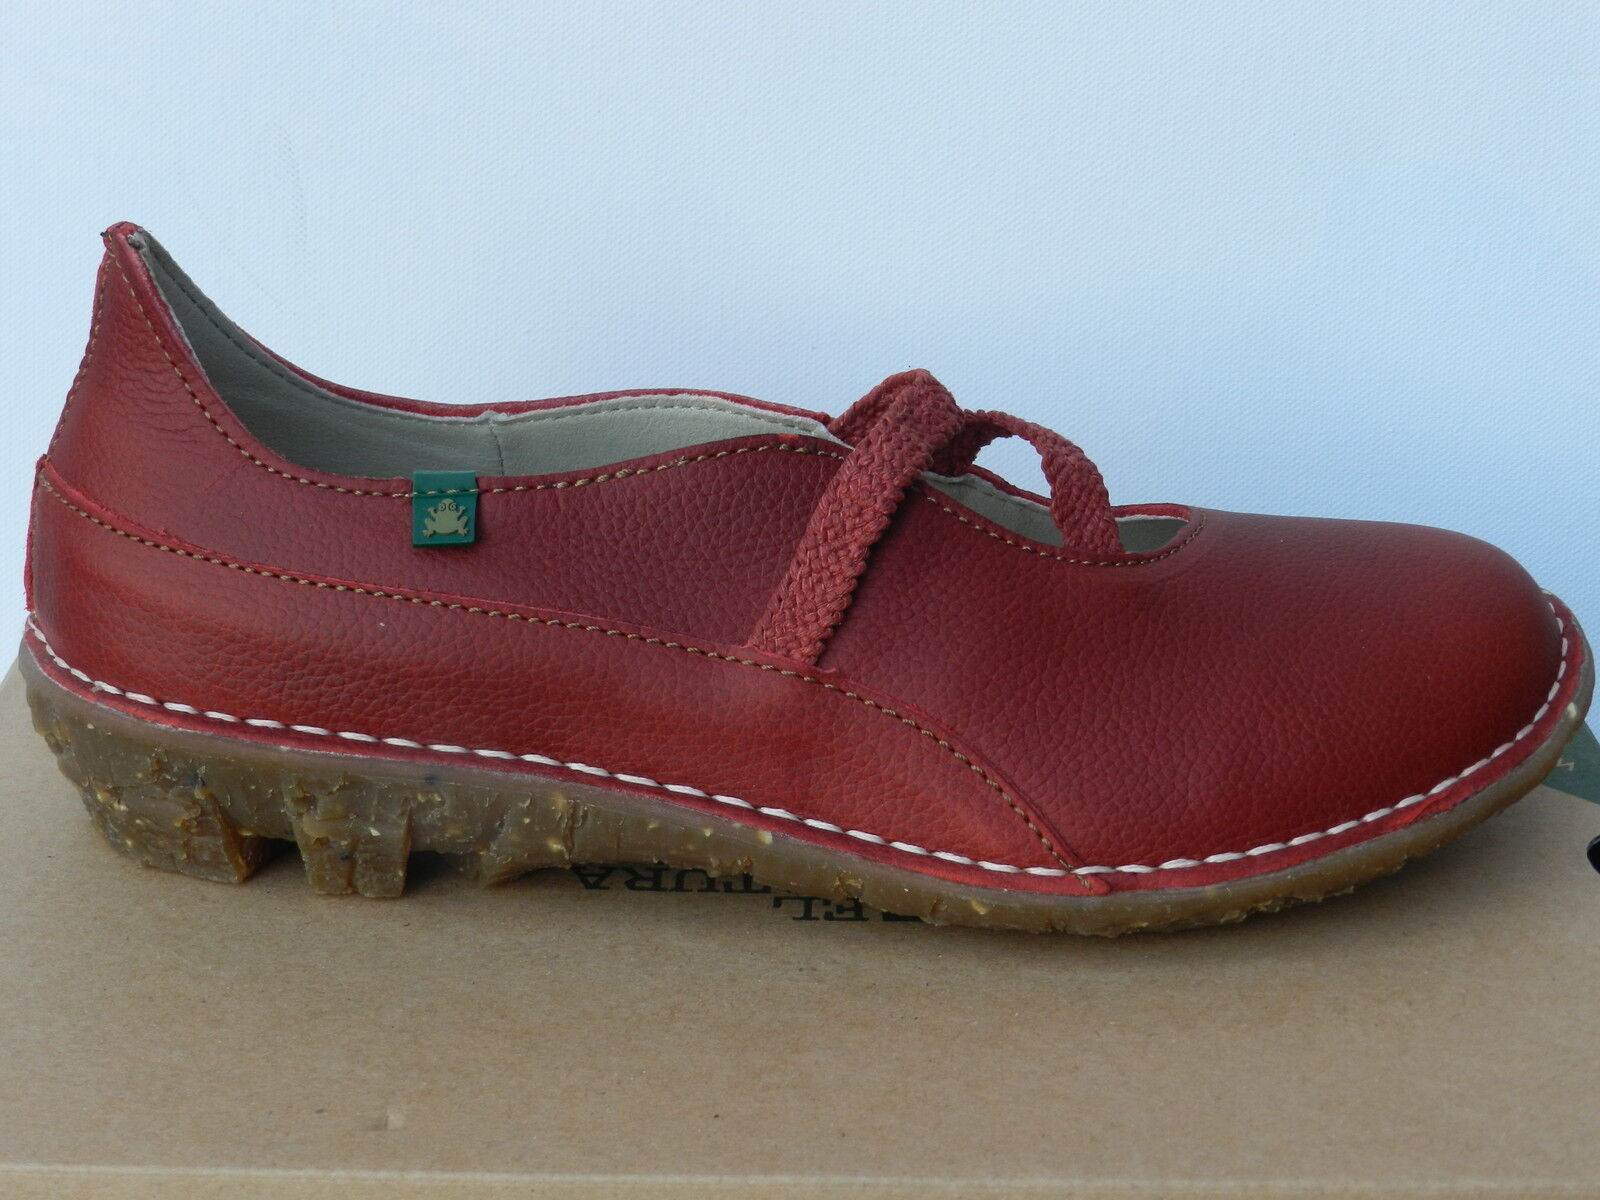 El naturalista savia n009 kvinns 36 ballerinas sandaler sandaler sandaler bebisar uk3 ny  säljer bra över hela världen